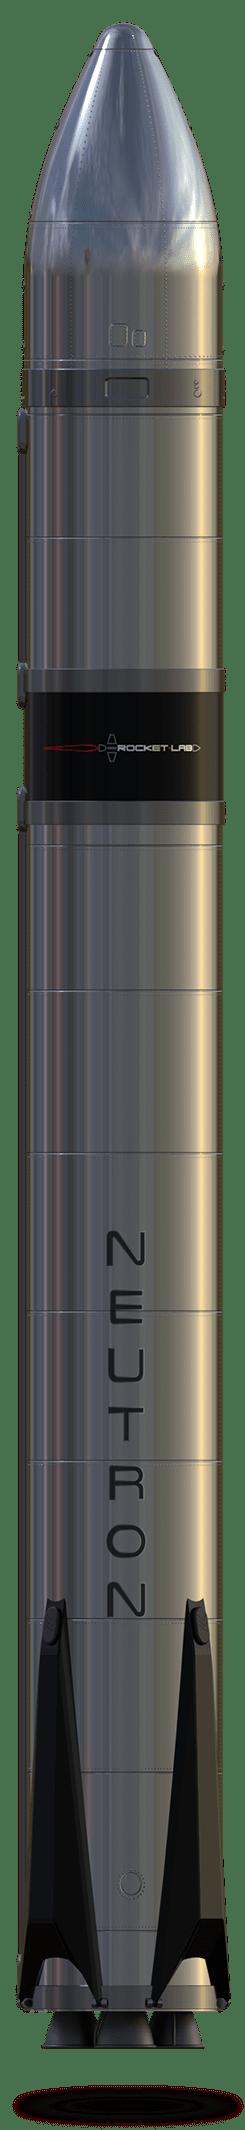 Oficiální vizualizace rakety Neutron z března roku 2021.